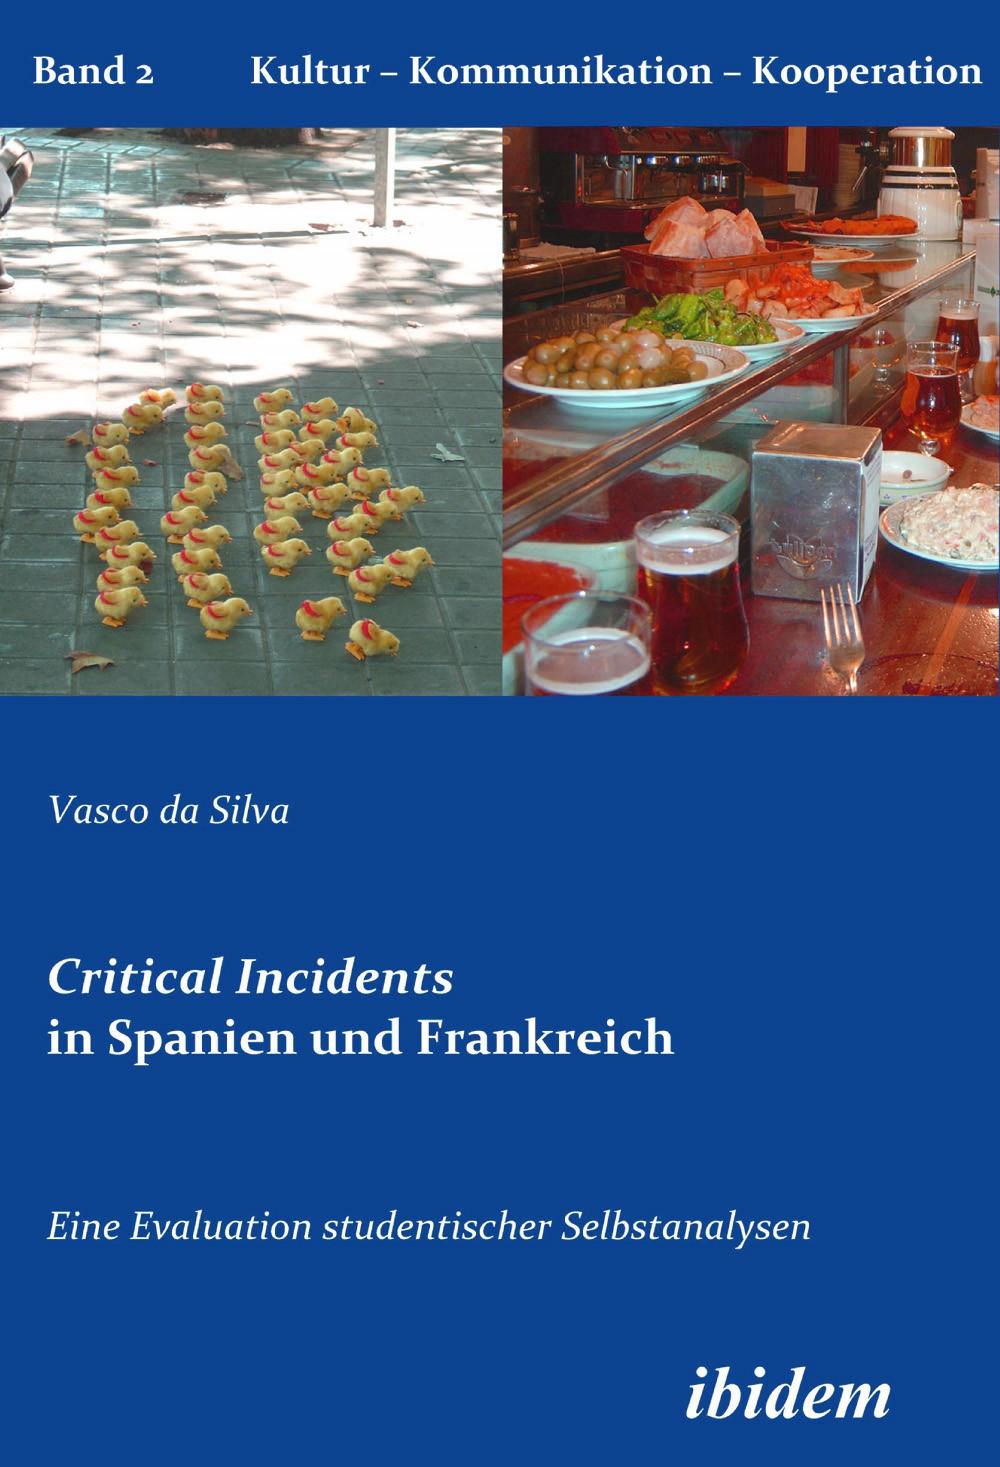 Critical Incidents in Spanien und Frankreich. Eine Evaluation studentischer Selbstanalysen